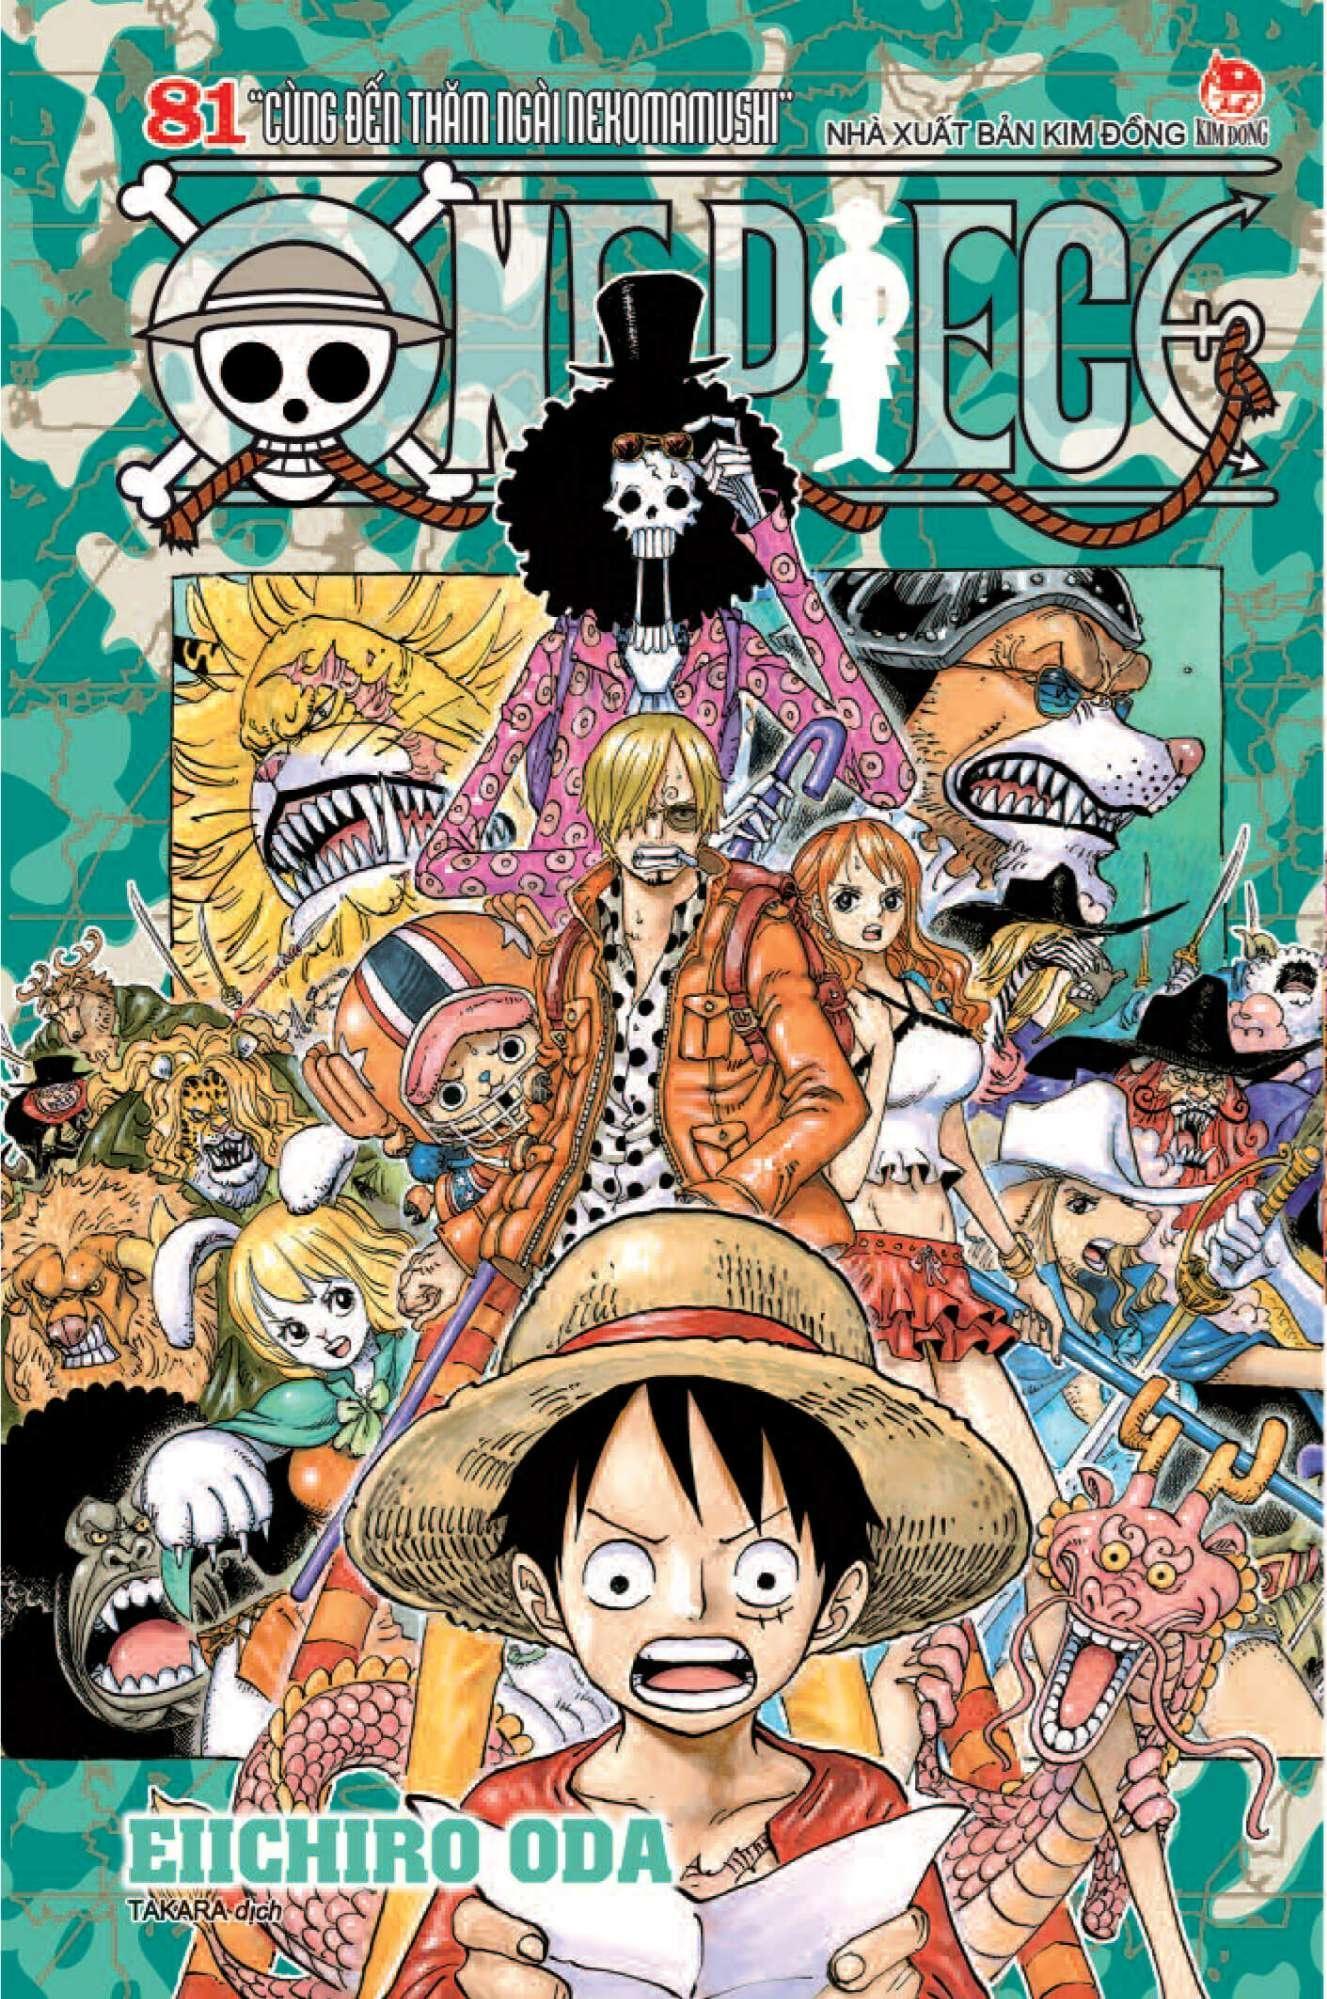 Bộ Truyện Tranh One Piece - Đảo Hải Tặc - 91 Tập Duy Nhất Khuyến Mại Hôm Nay